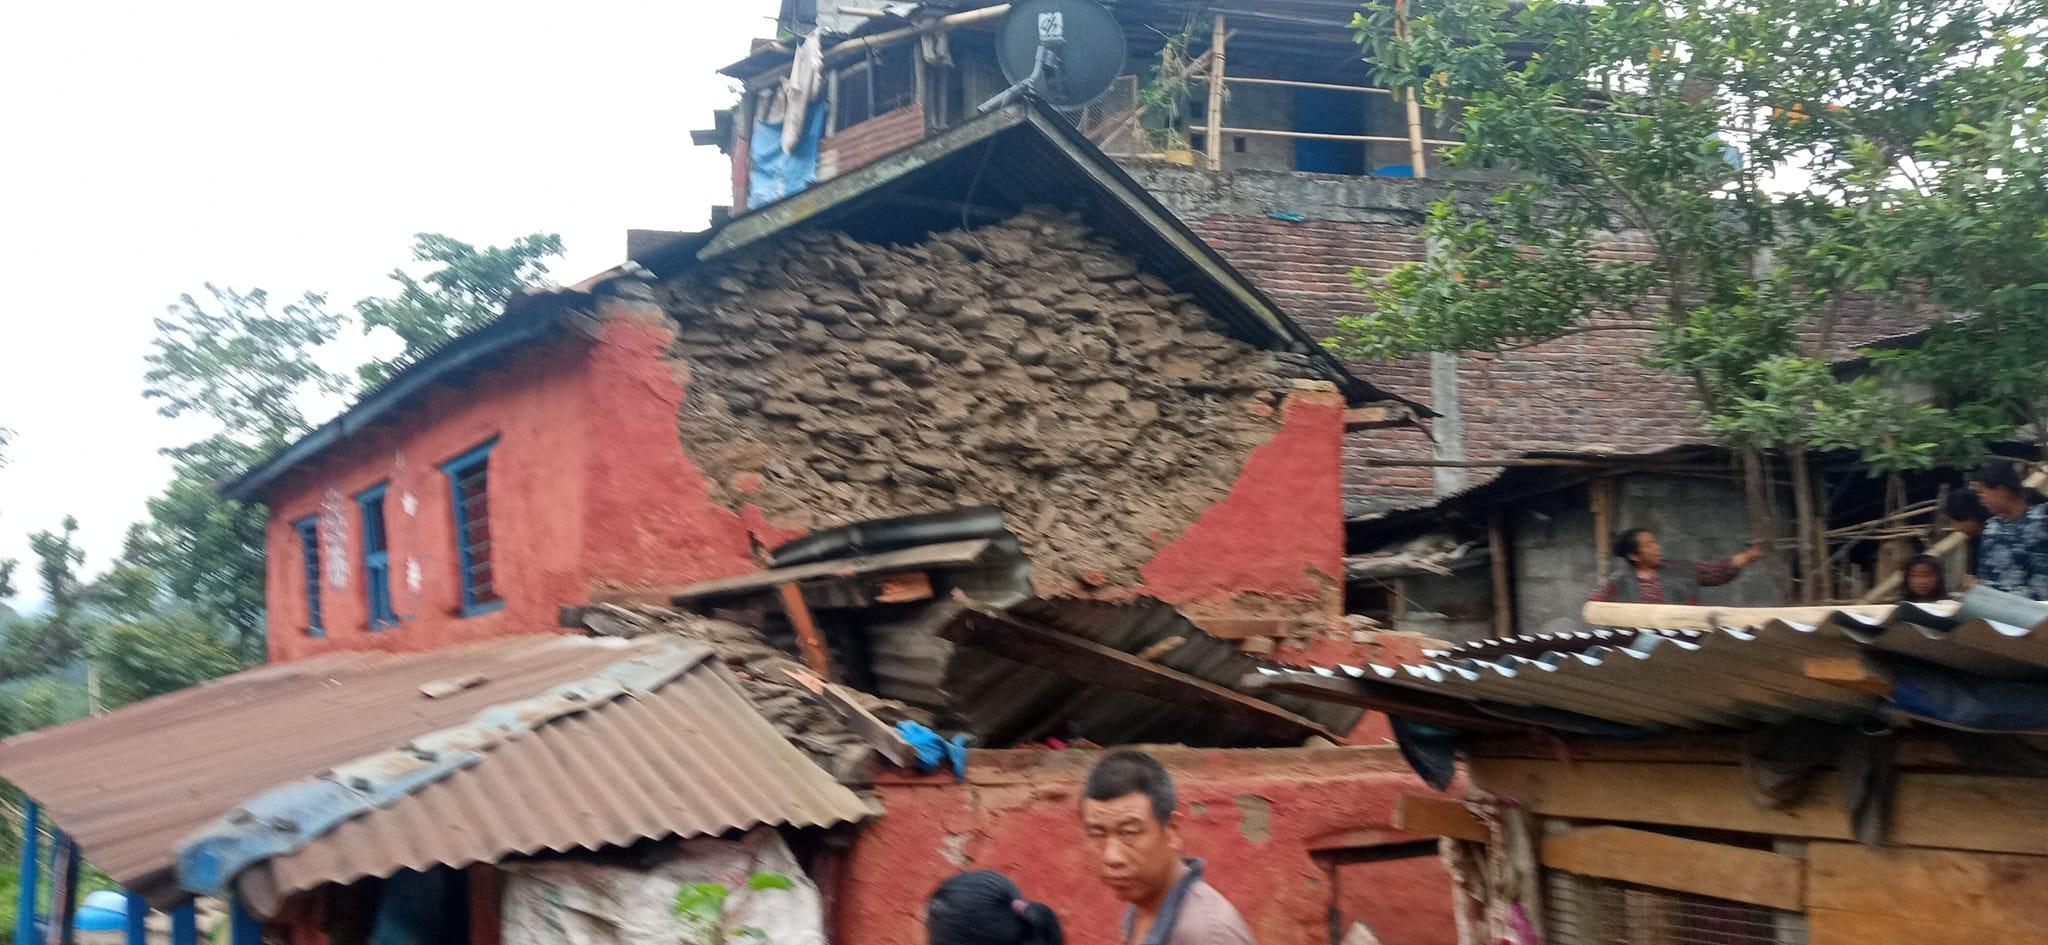 लमजुङ भुकम्प : 'भागाभाग भयो, पुराना घरहरु भत्किएको बाहेक थप क्षतिको विवरण आउन बाँकी